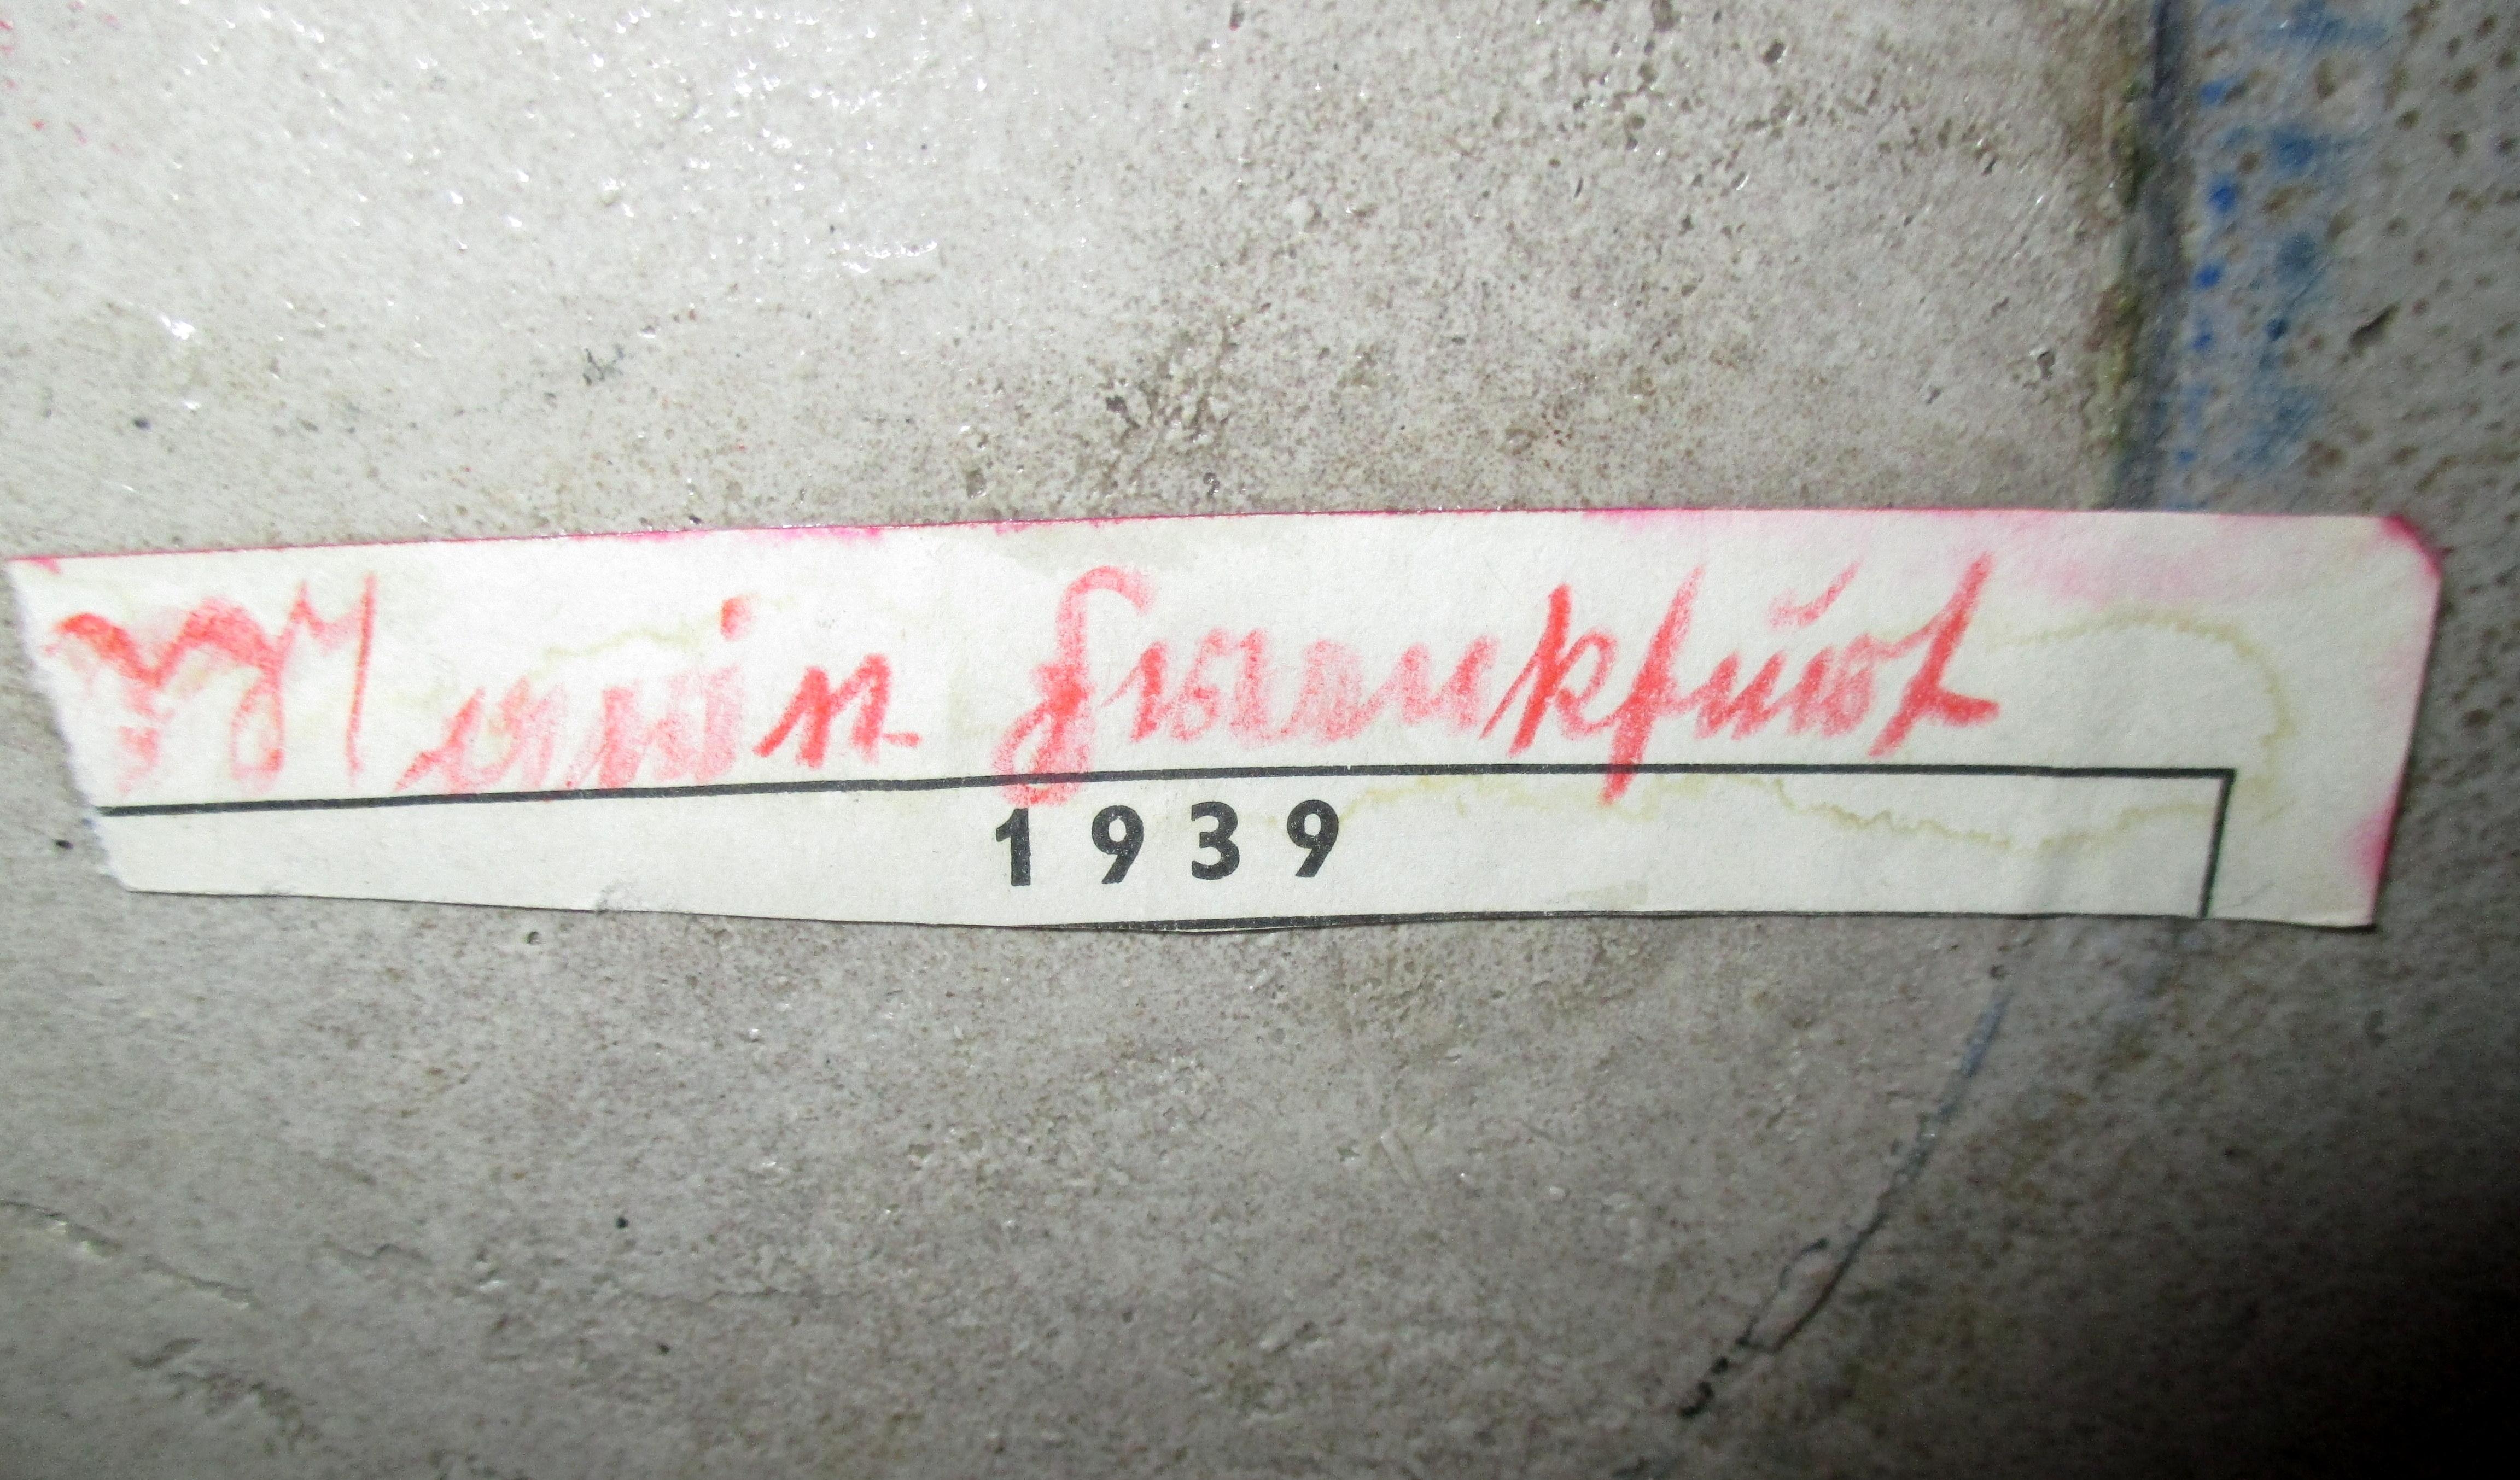 PV Dibbsche Inschrift